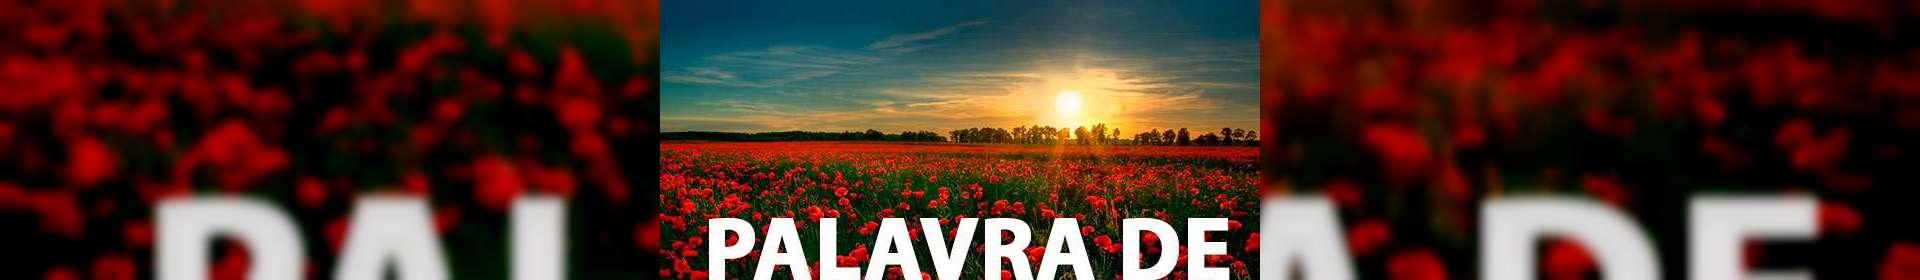 Êxodo 12:1-3,6-8,12-13 - Uma Palavra de Esperança para sua vida